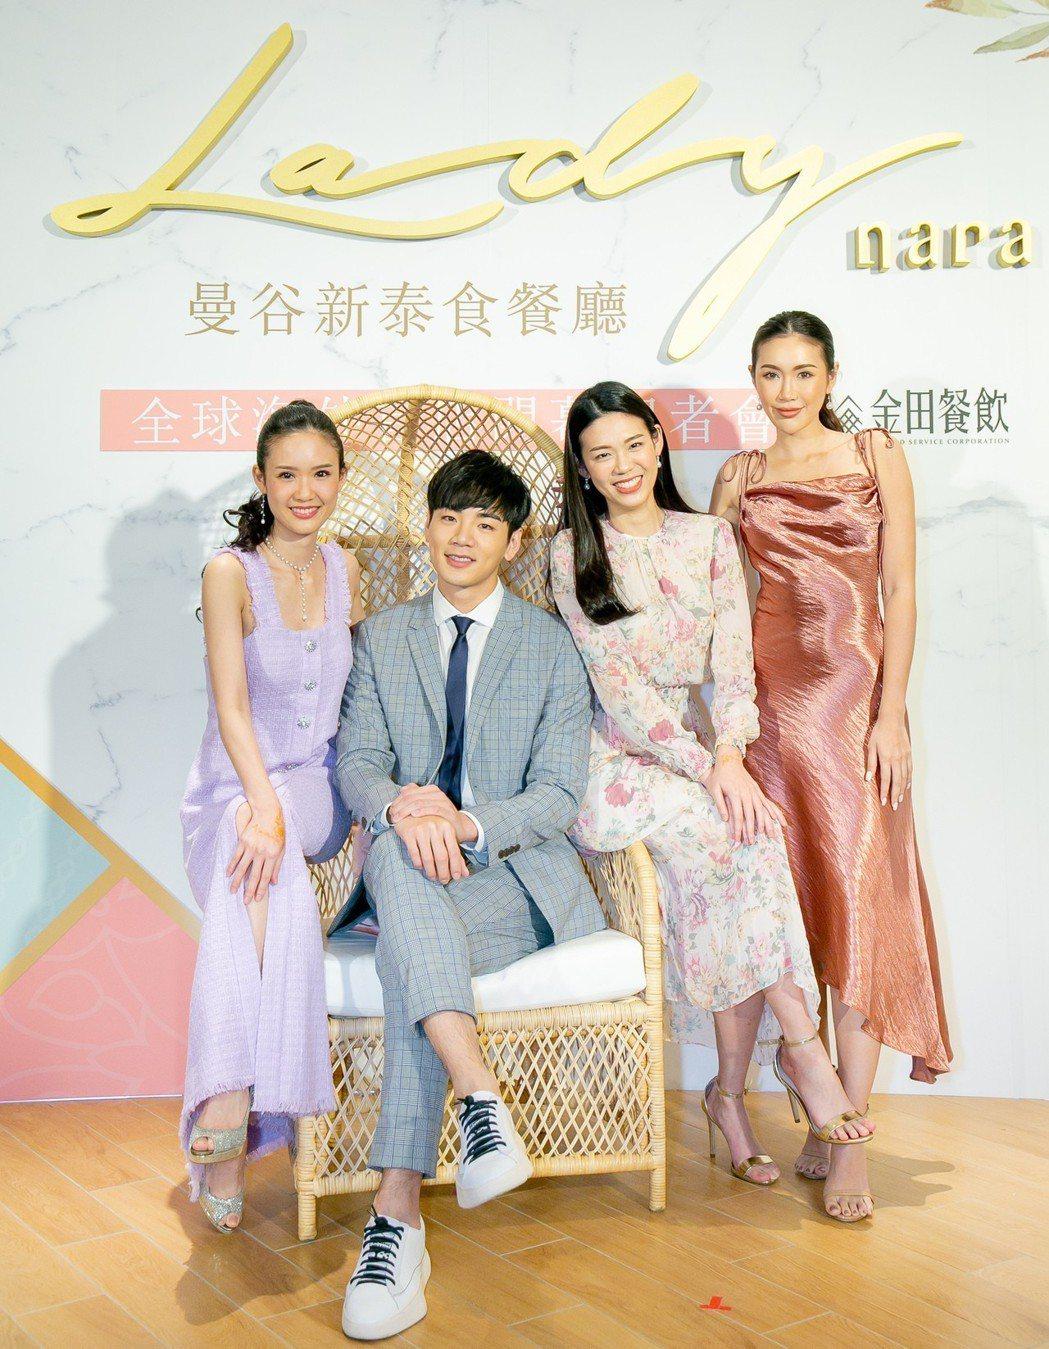 禾浩辰男神魅力狂掃3位富家千金、時尚網紅。圖/Lady nara提供